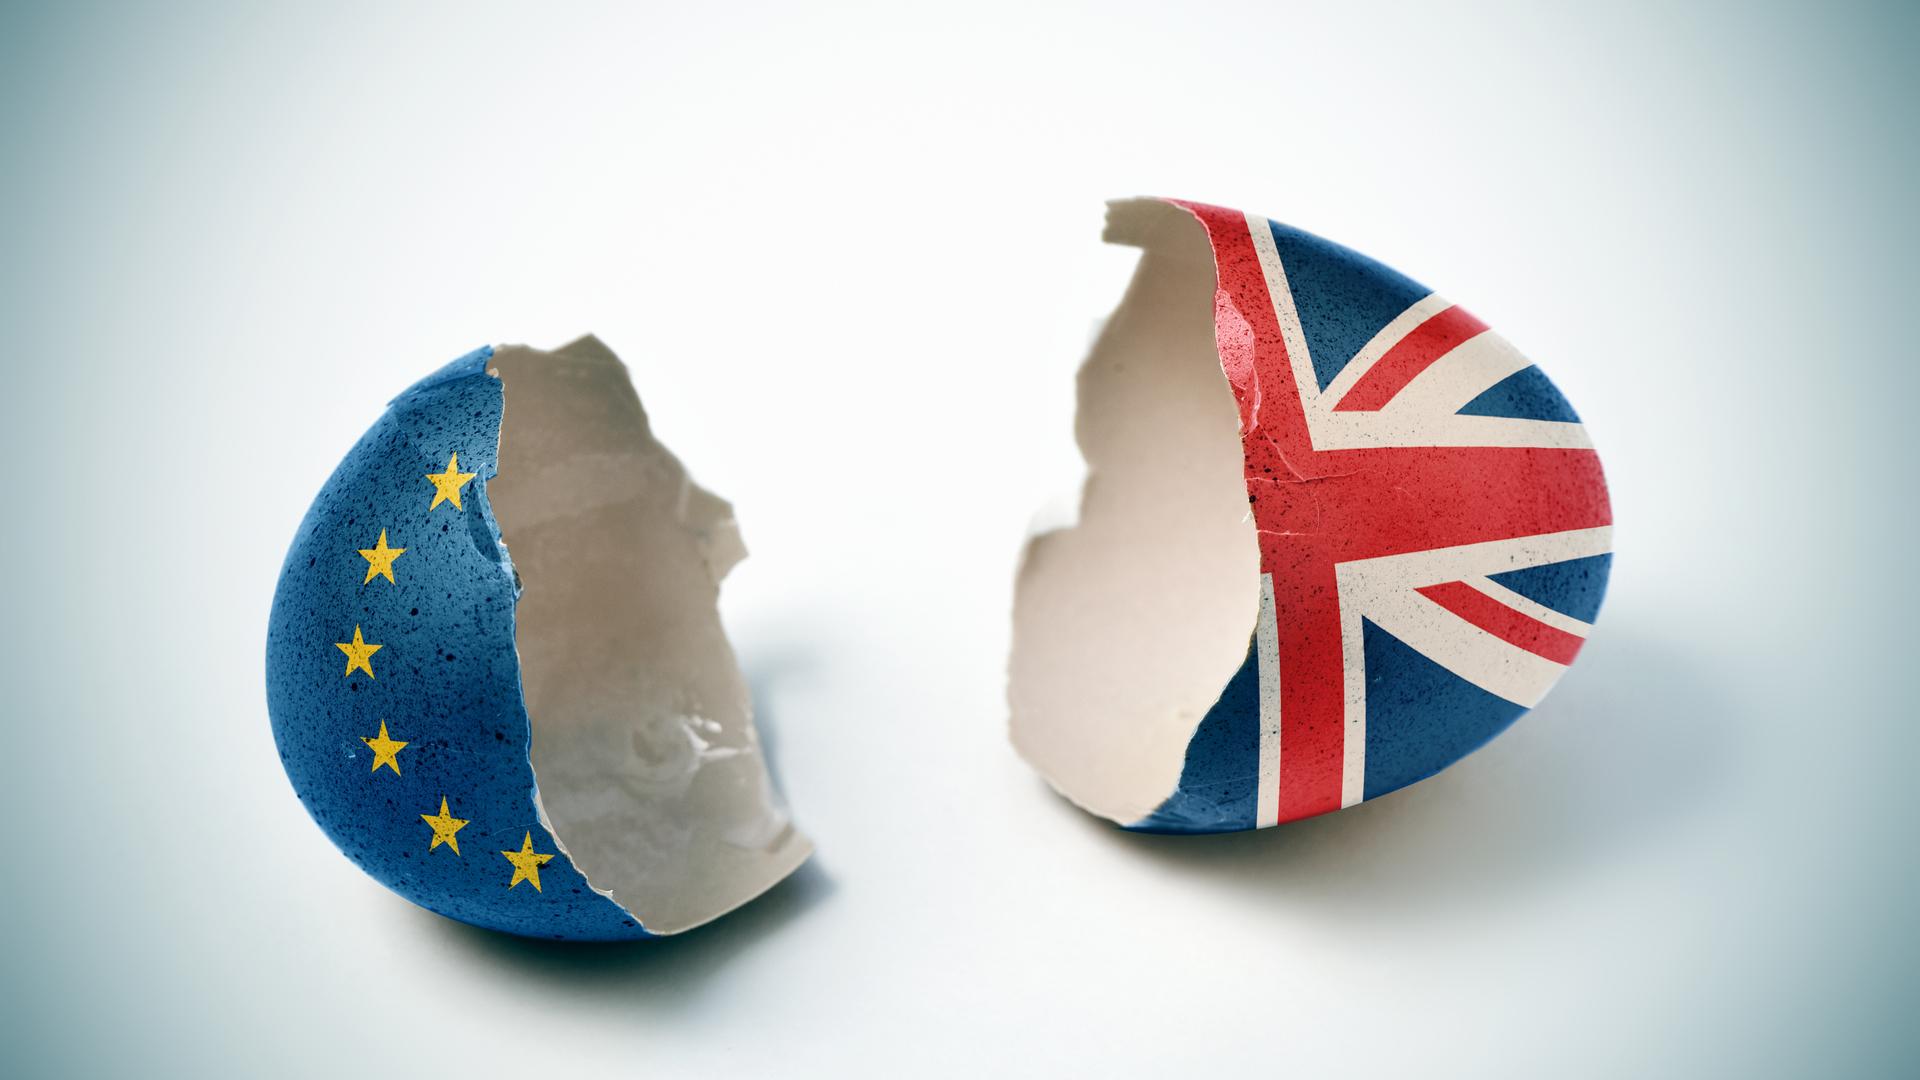 De Brexit: dit moet je weten als ondernemer